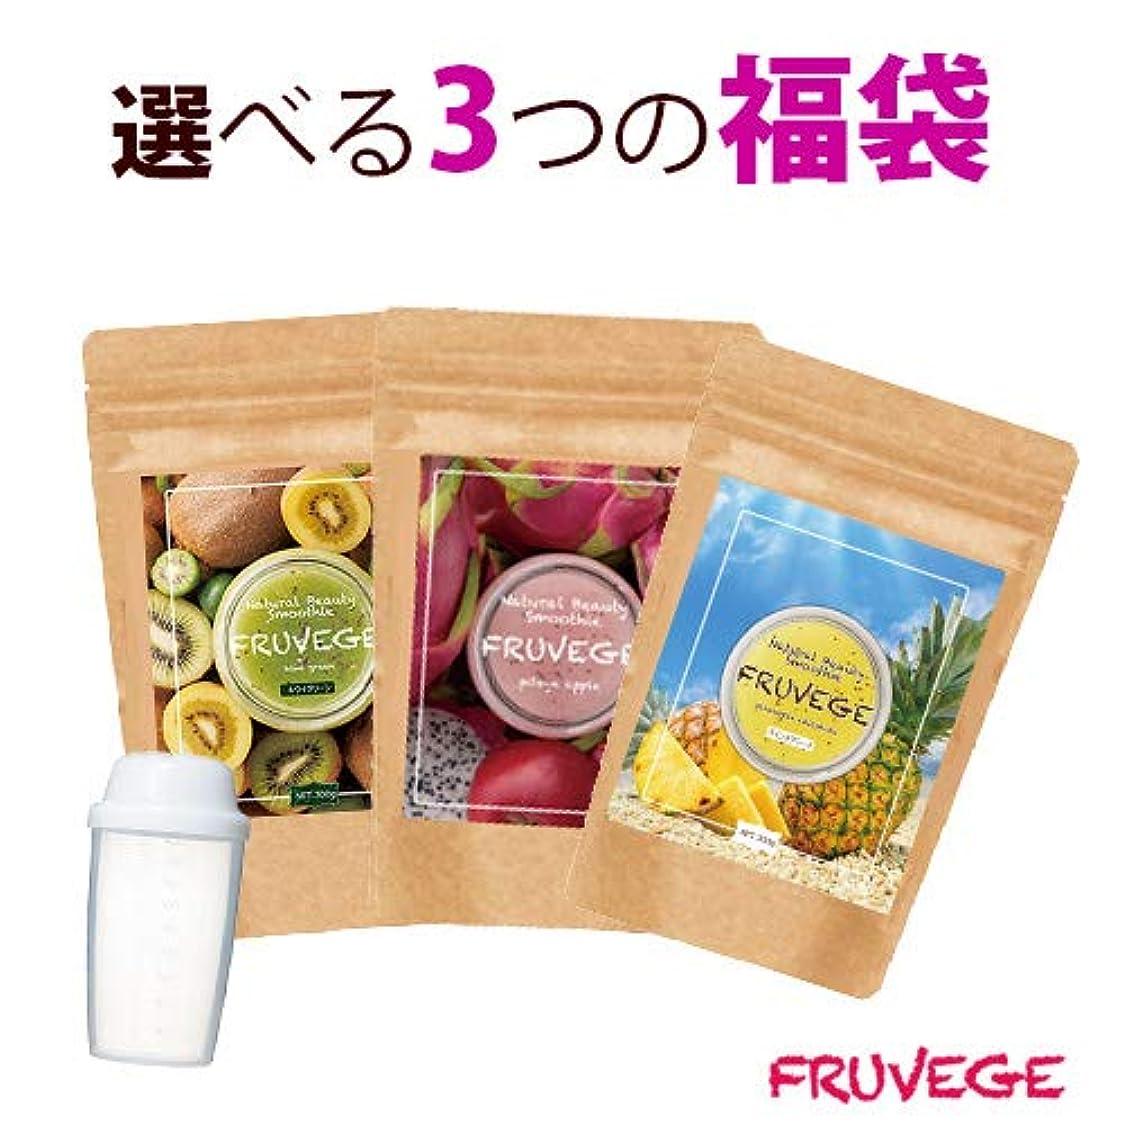 深遠である波紋[チアシード配合スムージー (Cセット)]3袋+プレゼント (300g×3袋 約150杯分)福袋 フルベジ スーパーフード ダイエット食品 粉末